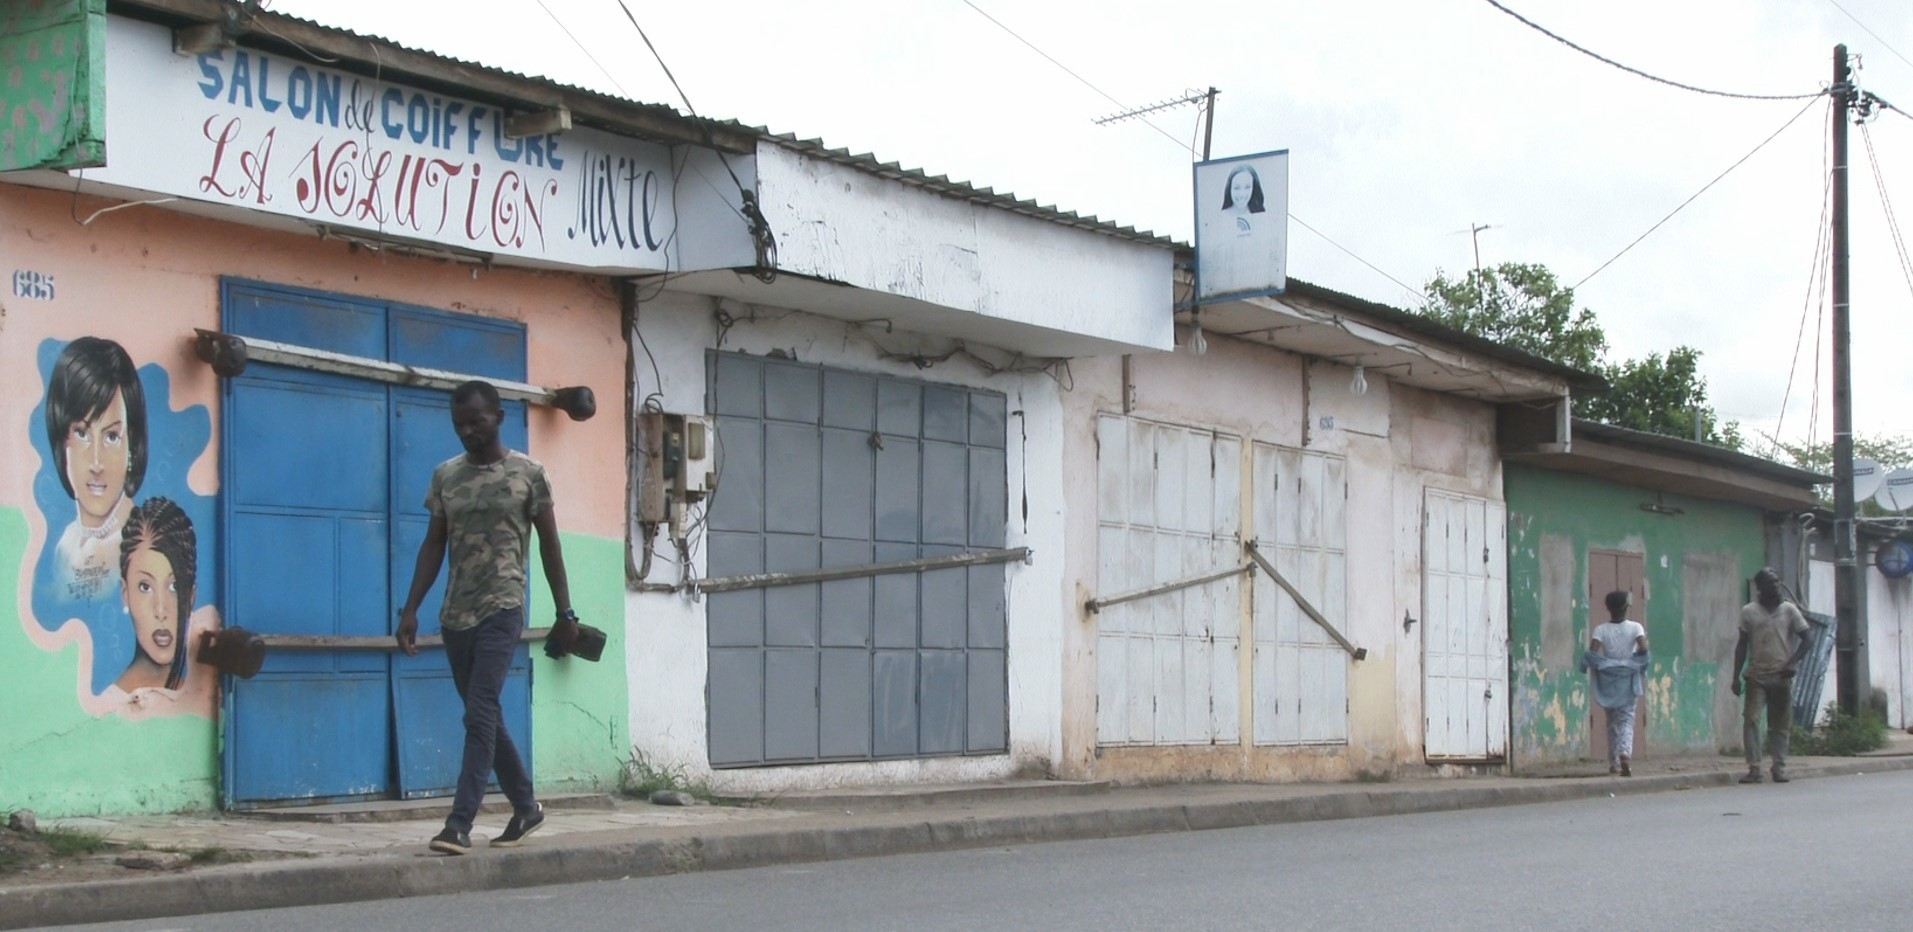 Les commerçants ont fermé boutiques à Libreville  pour mettre fin aux contrôles abusifs de la mairie